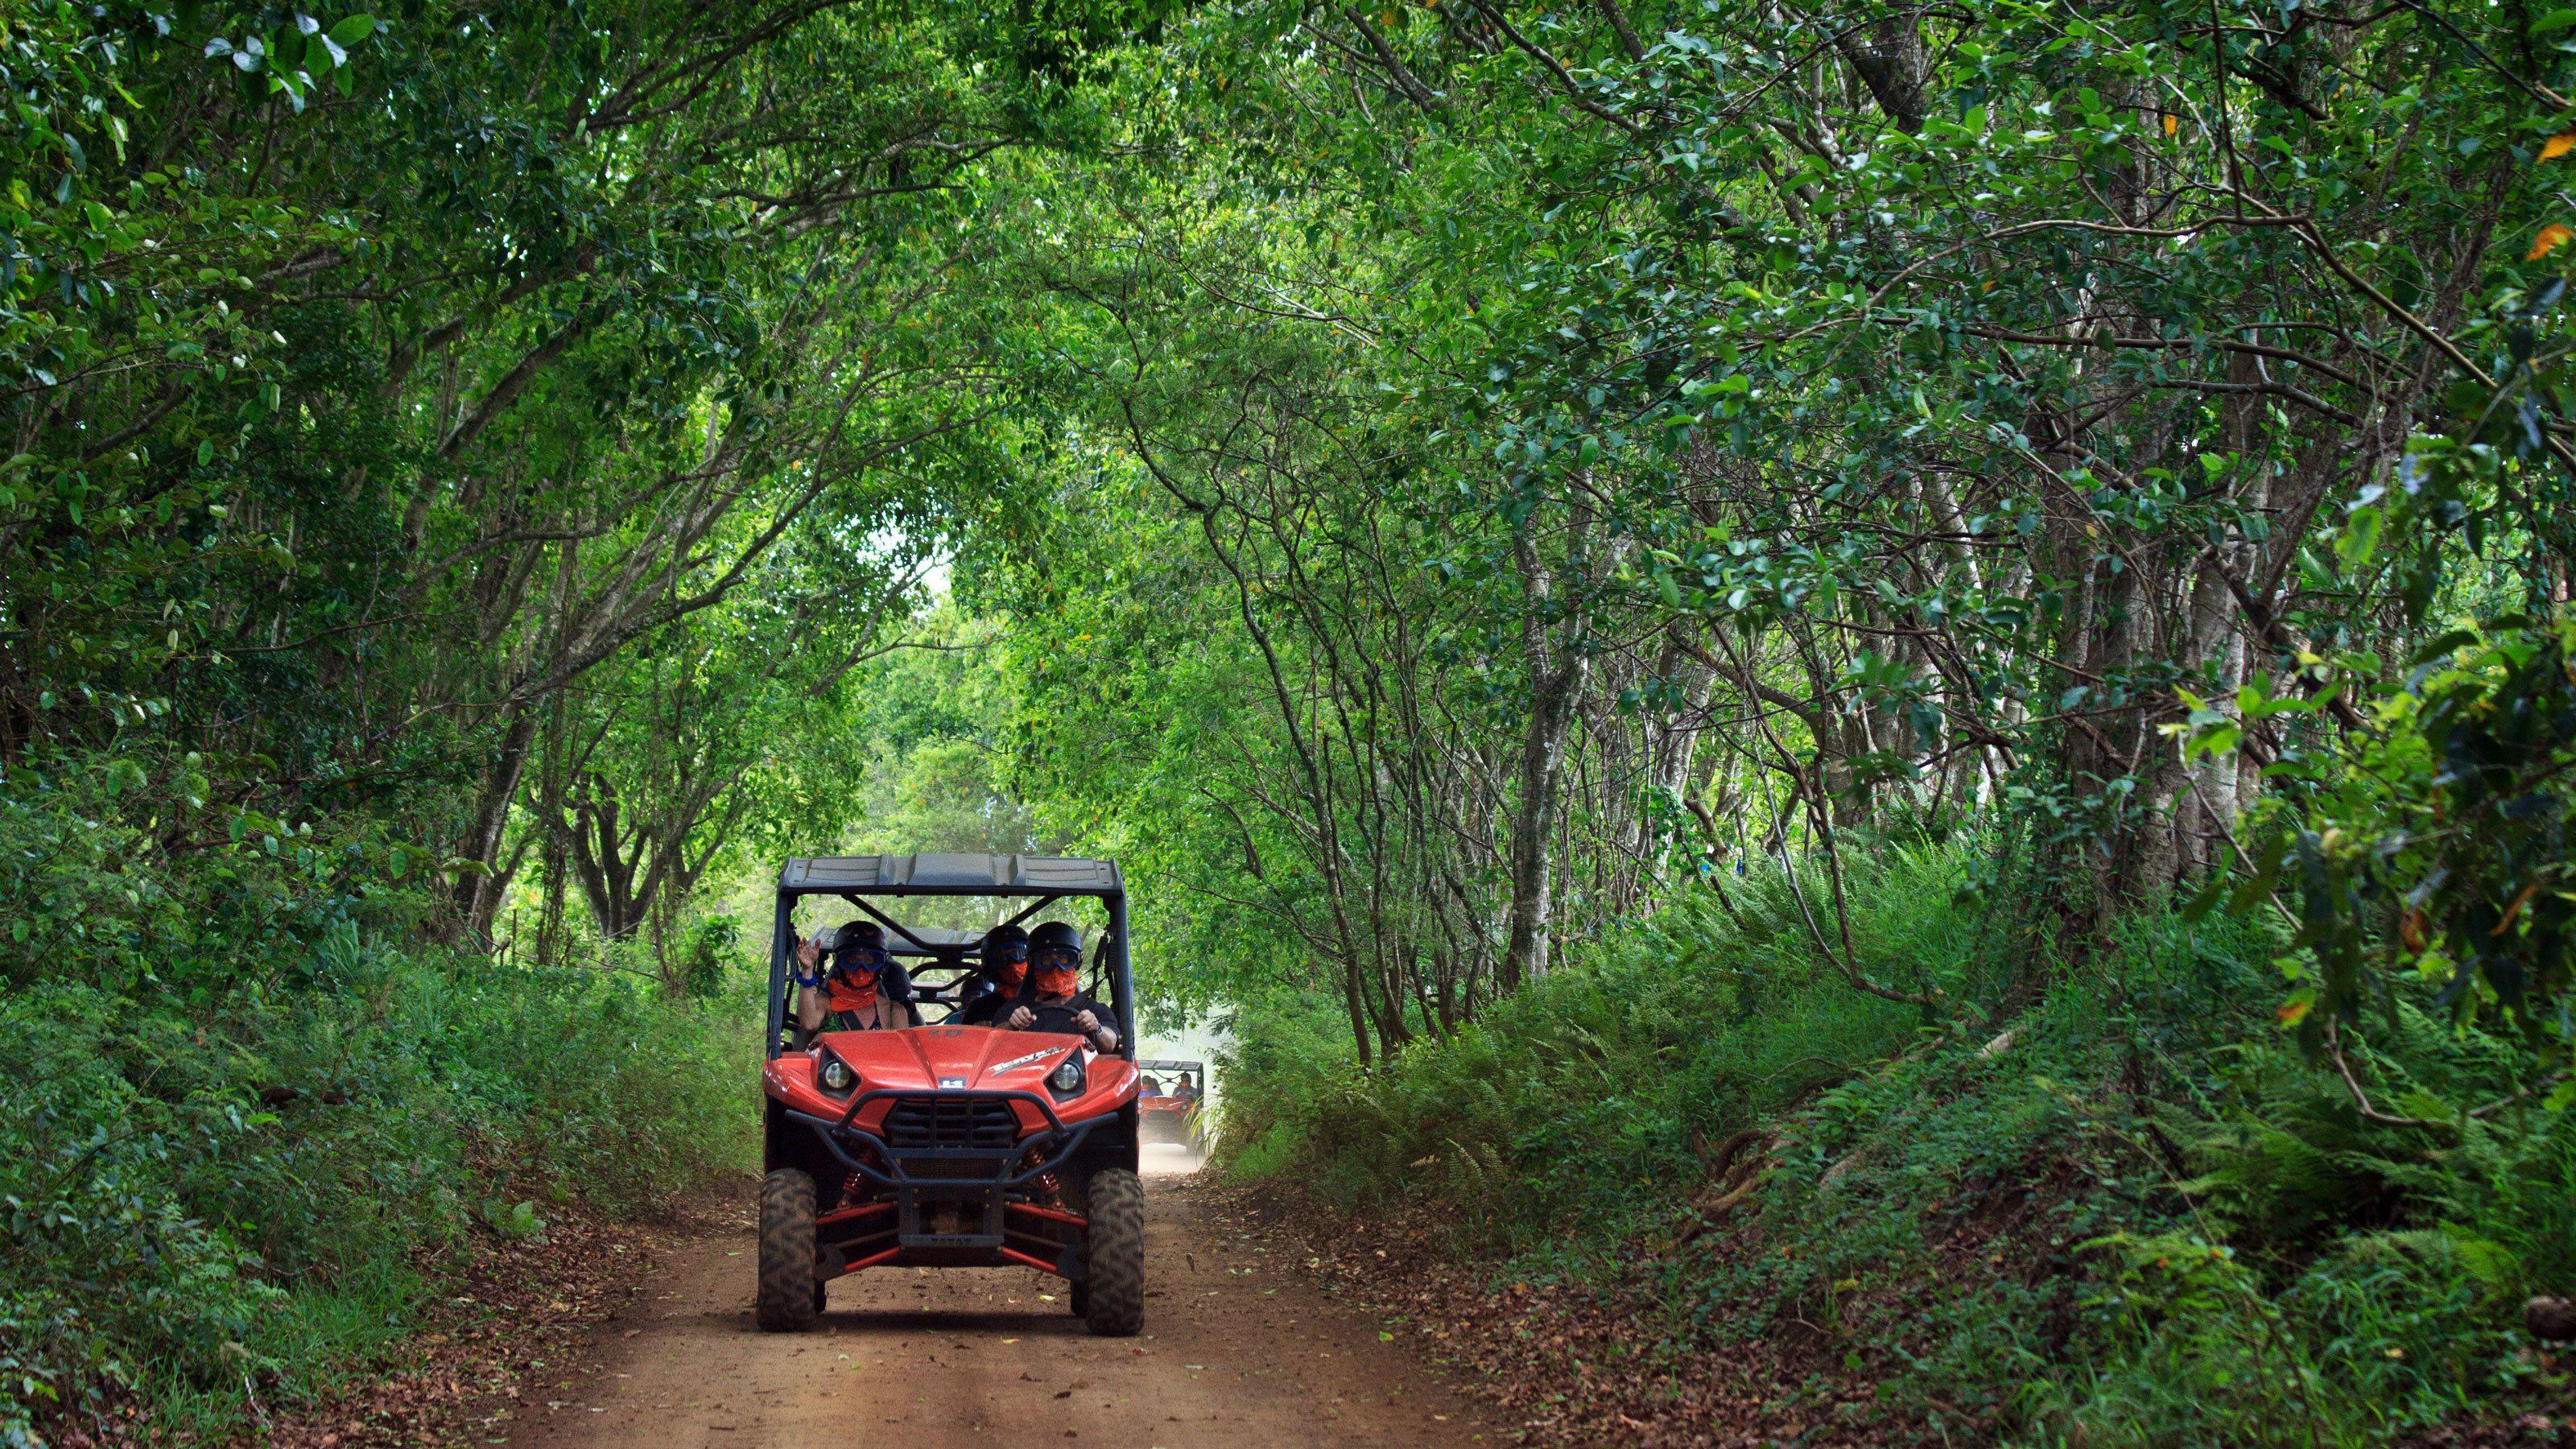 4x4 Waterfall Jungle Tour in Kauai